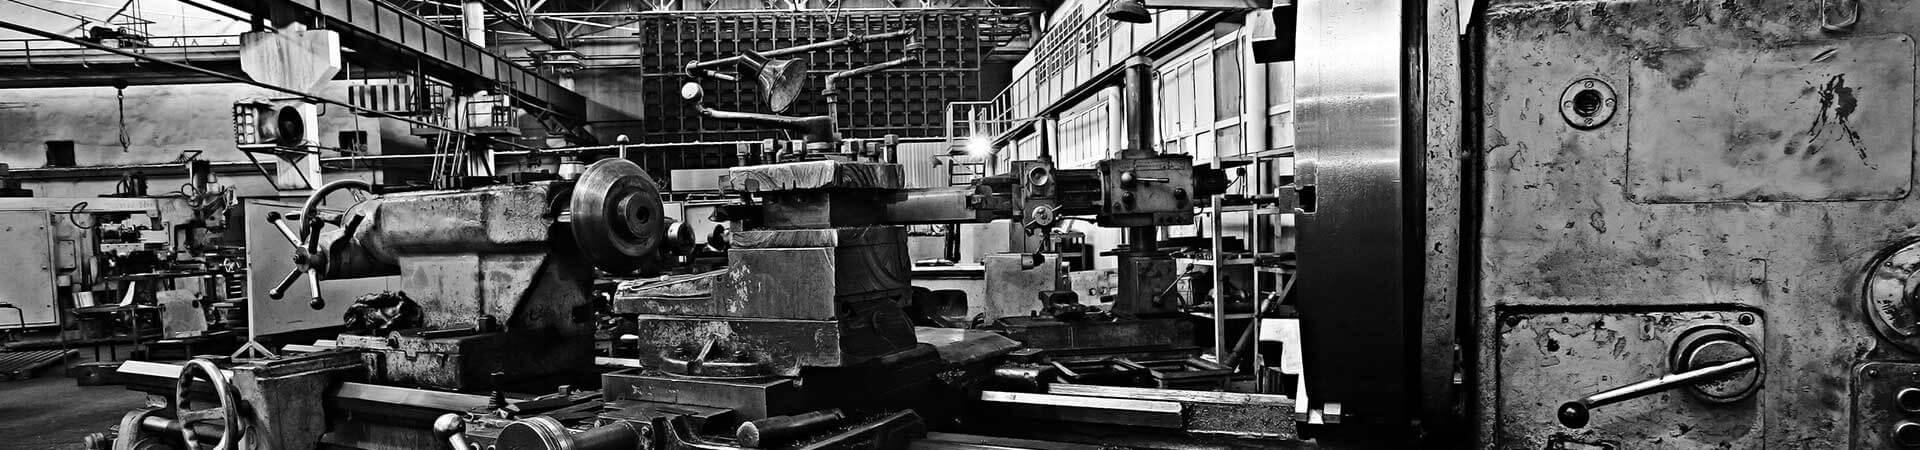 Alte Maschinen in einer Lagerhalle